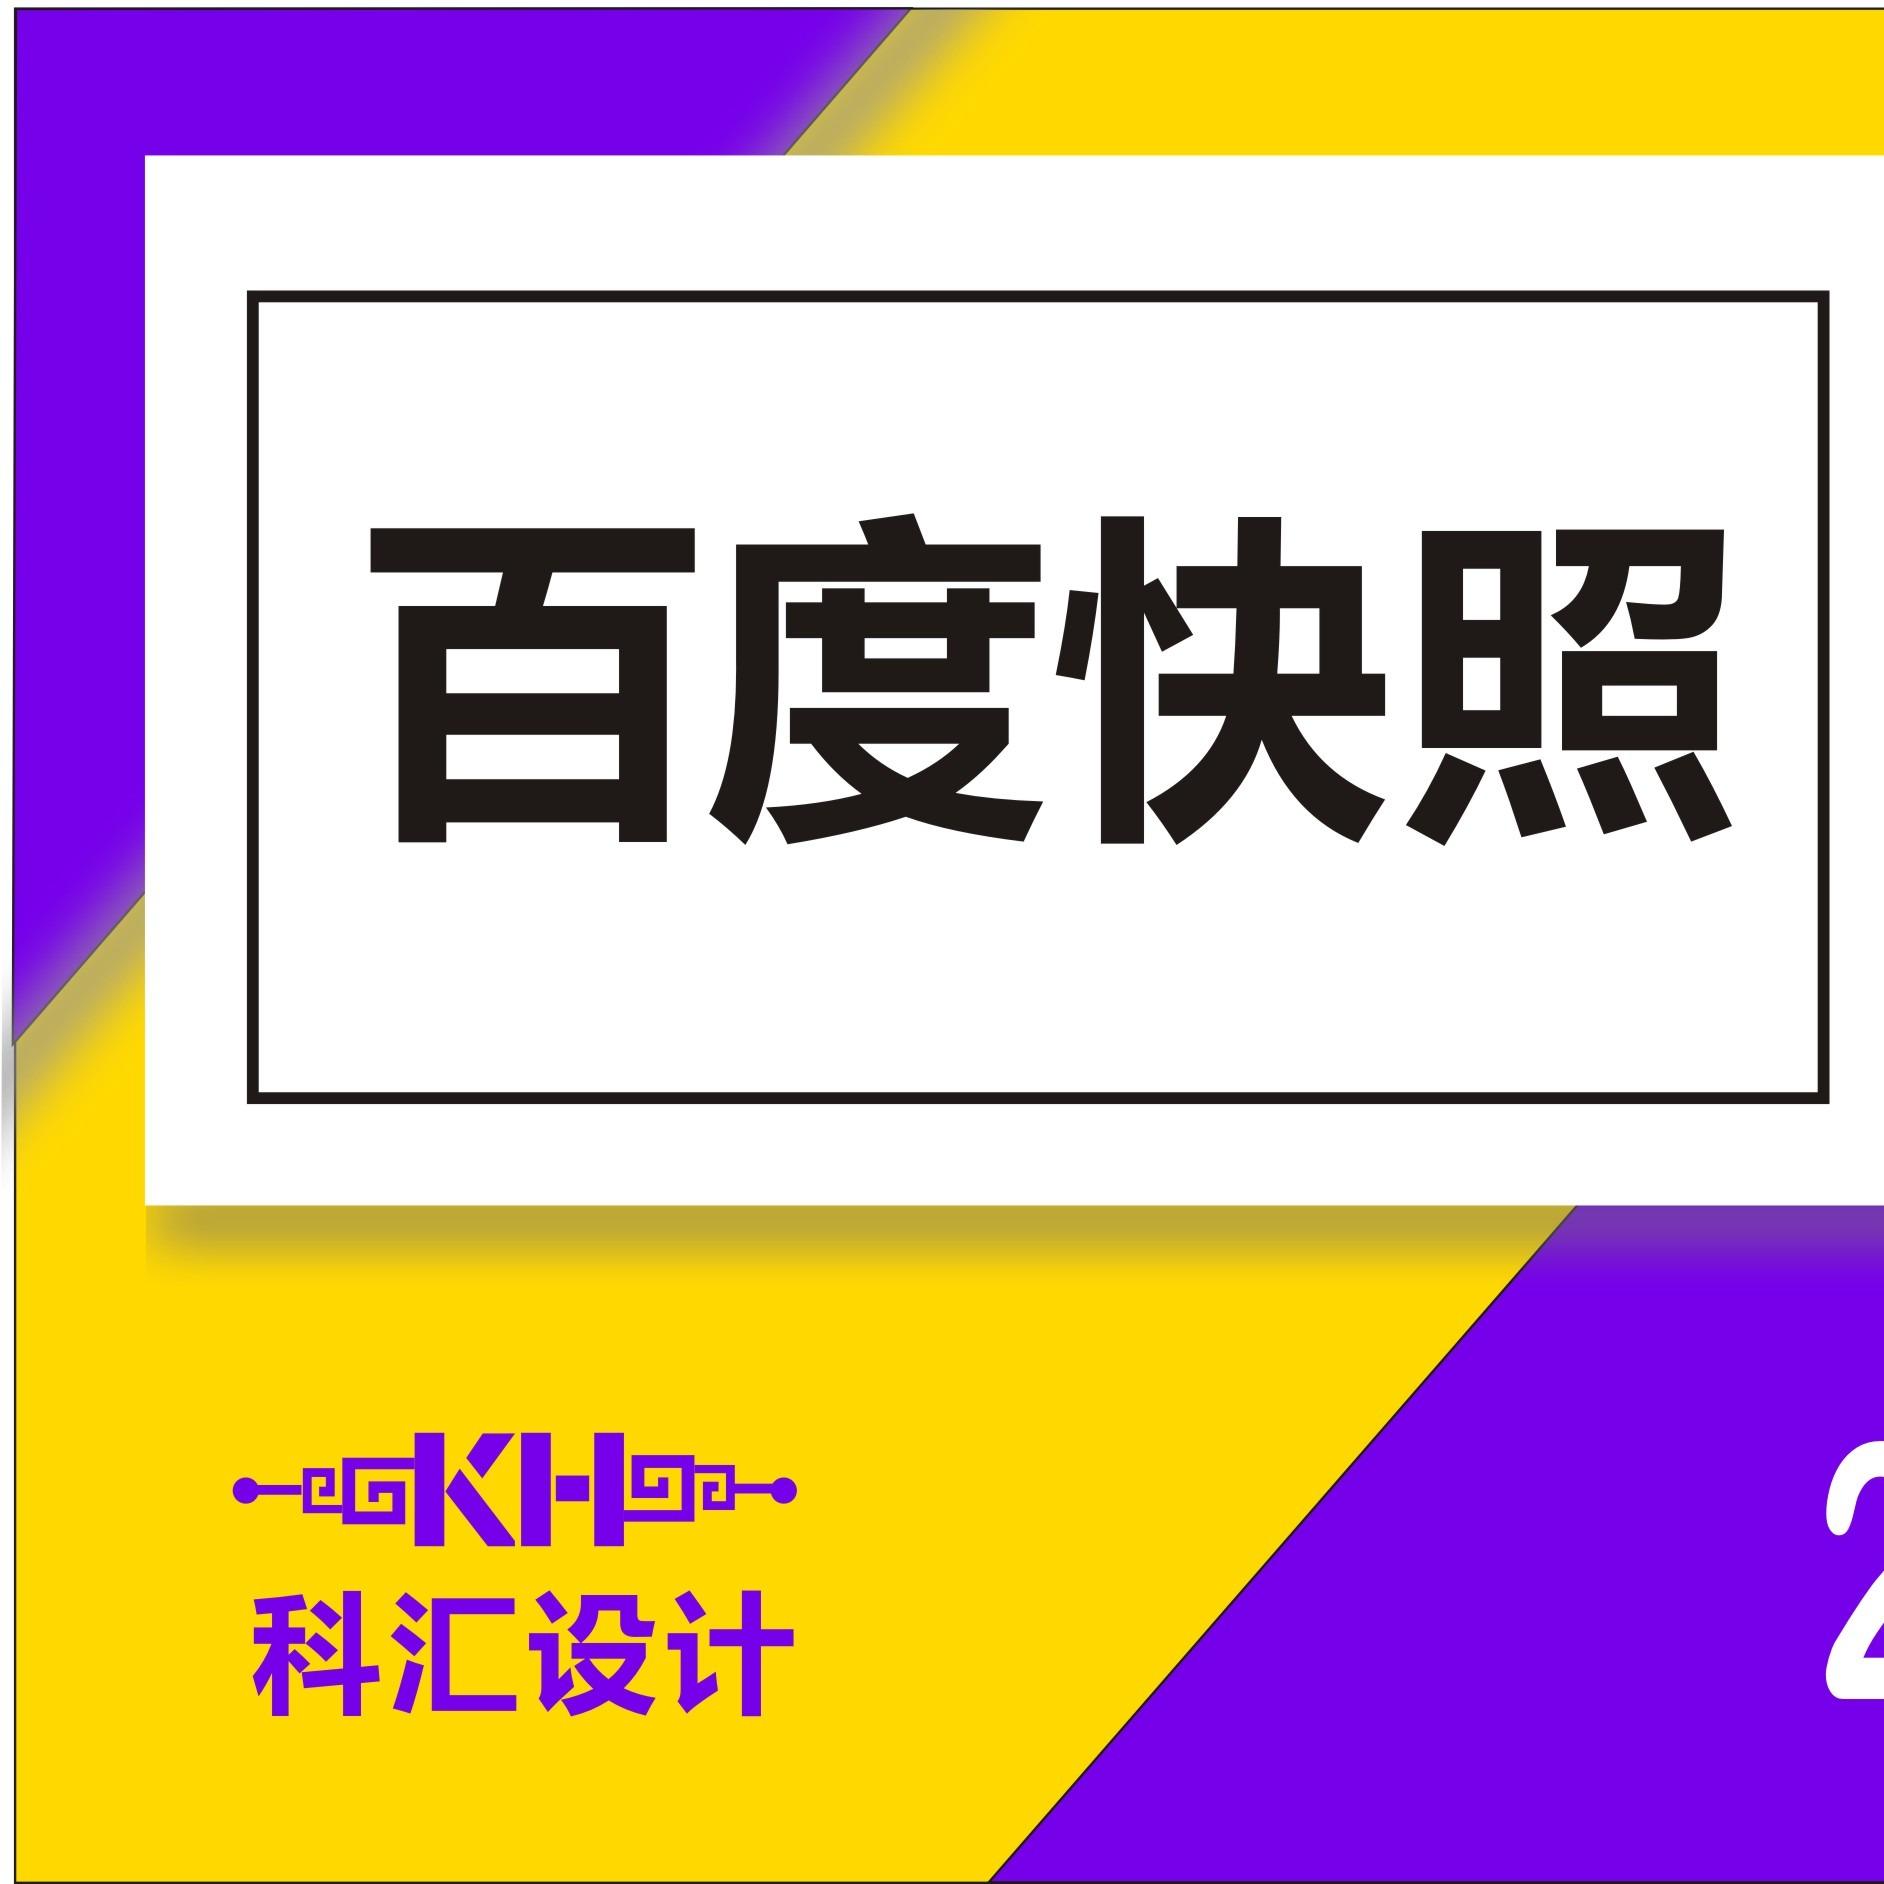 seo网站优化关键词排名搜索引擎优化/排名快照收录/百度推广